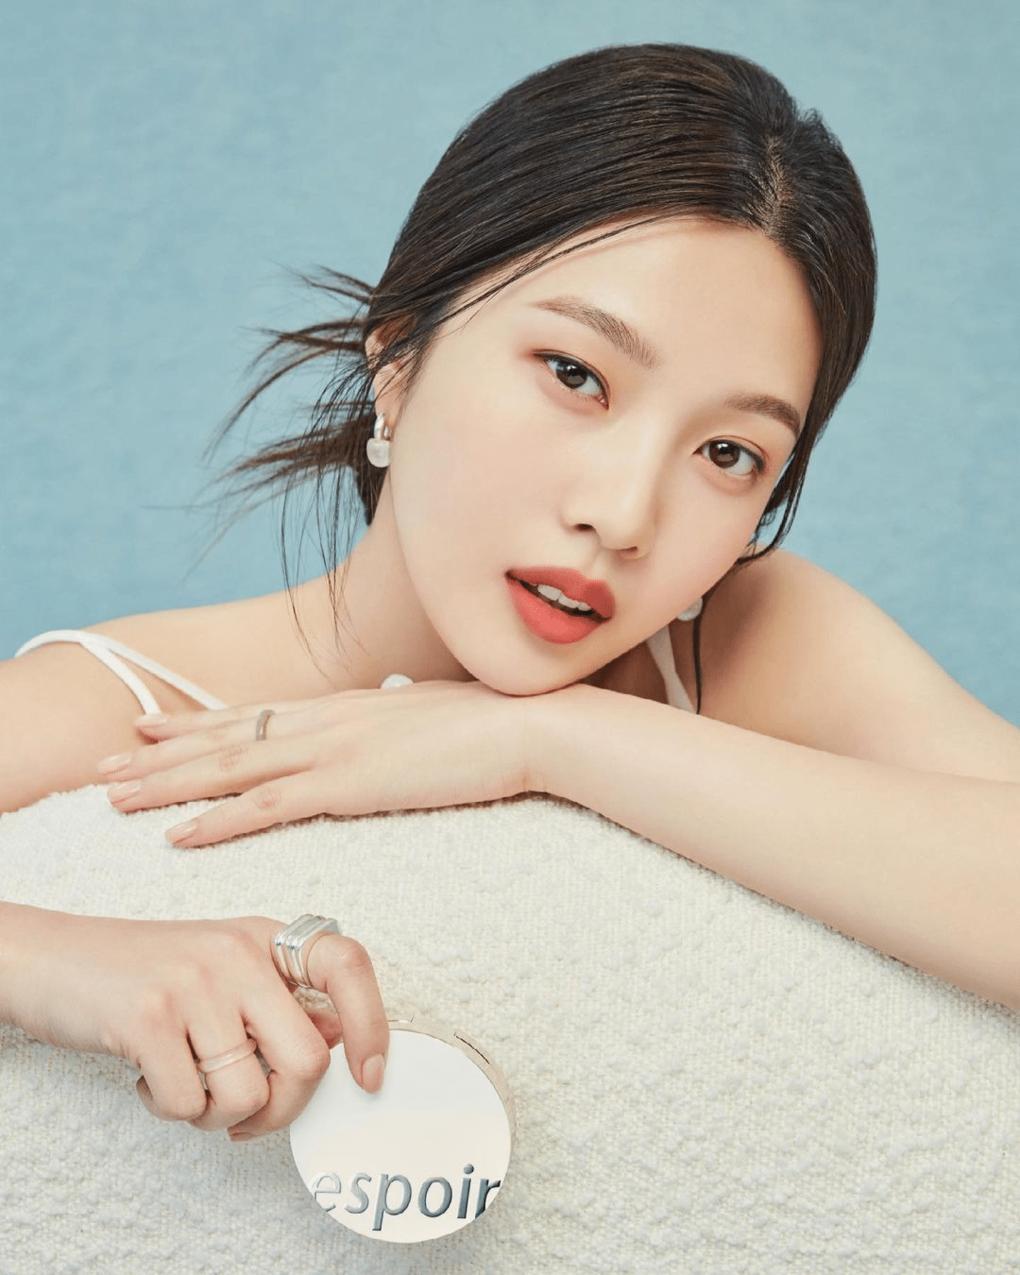 Là đại sứ lâu năm của Espoir, Joy cho thấy mình là lựa chọn vàng cho thương hiệu mỹ phẩm hàng đầu Hàn Quốc nhờ thần thái kiêu sa, biểu cảm đa dạng.